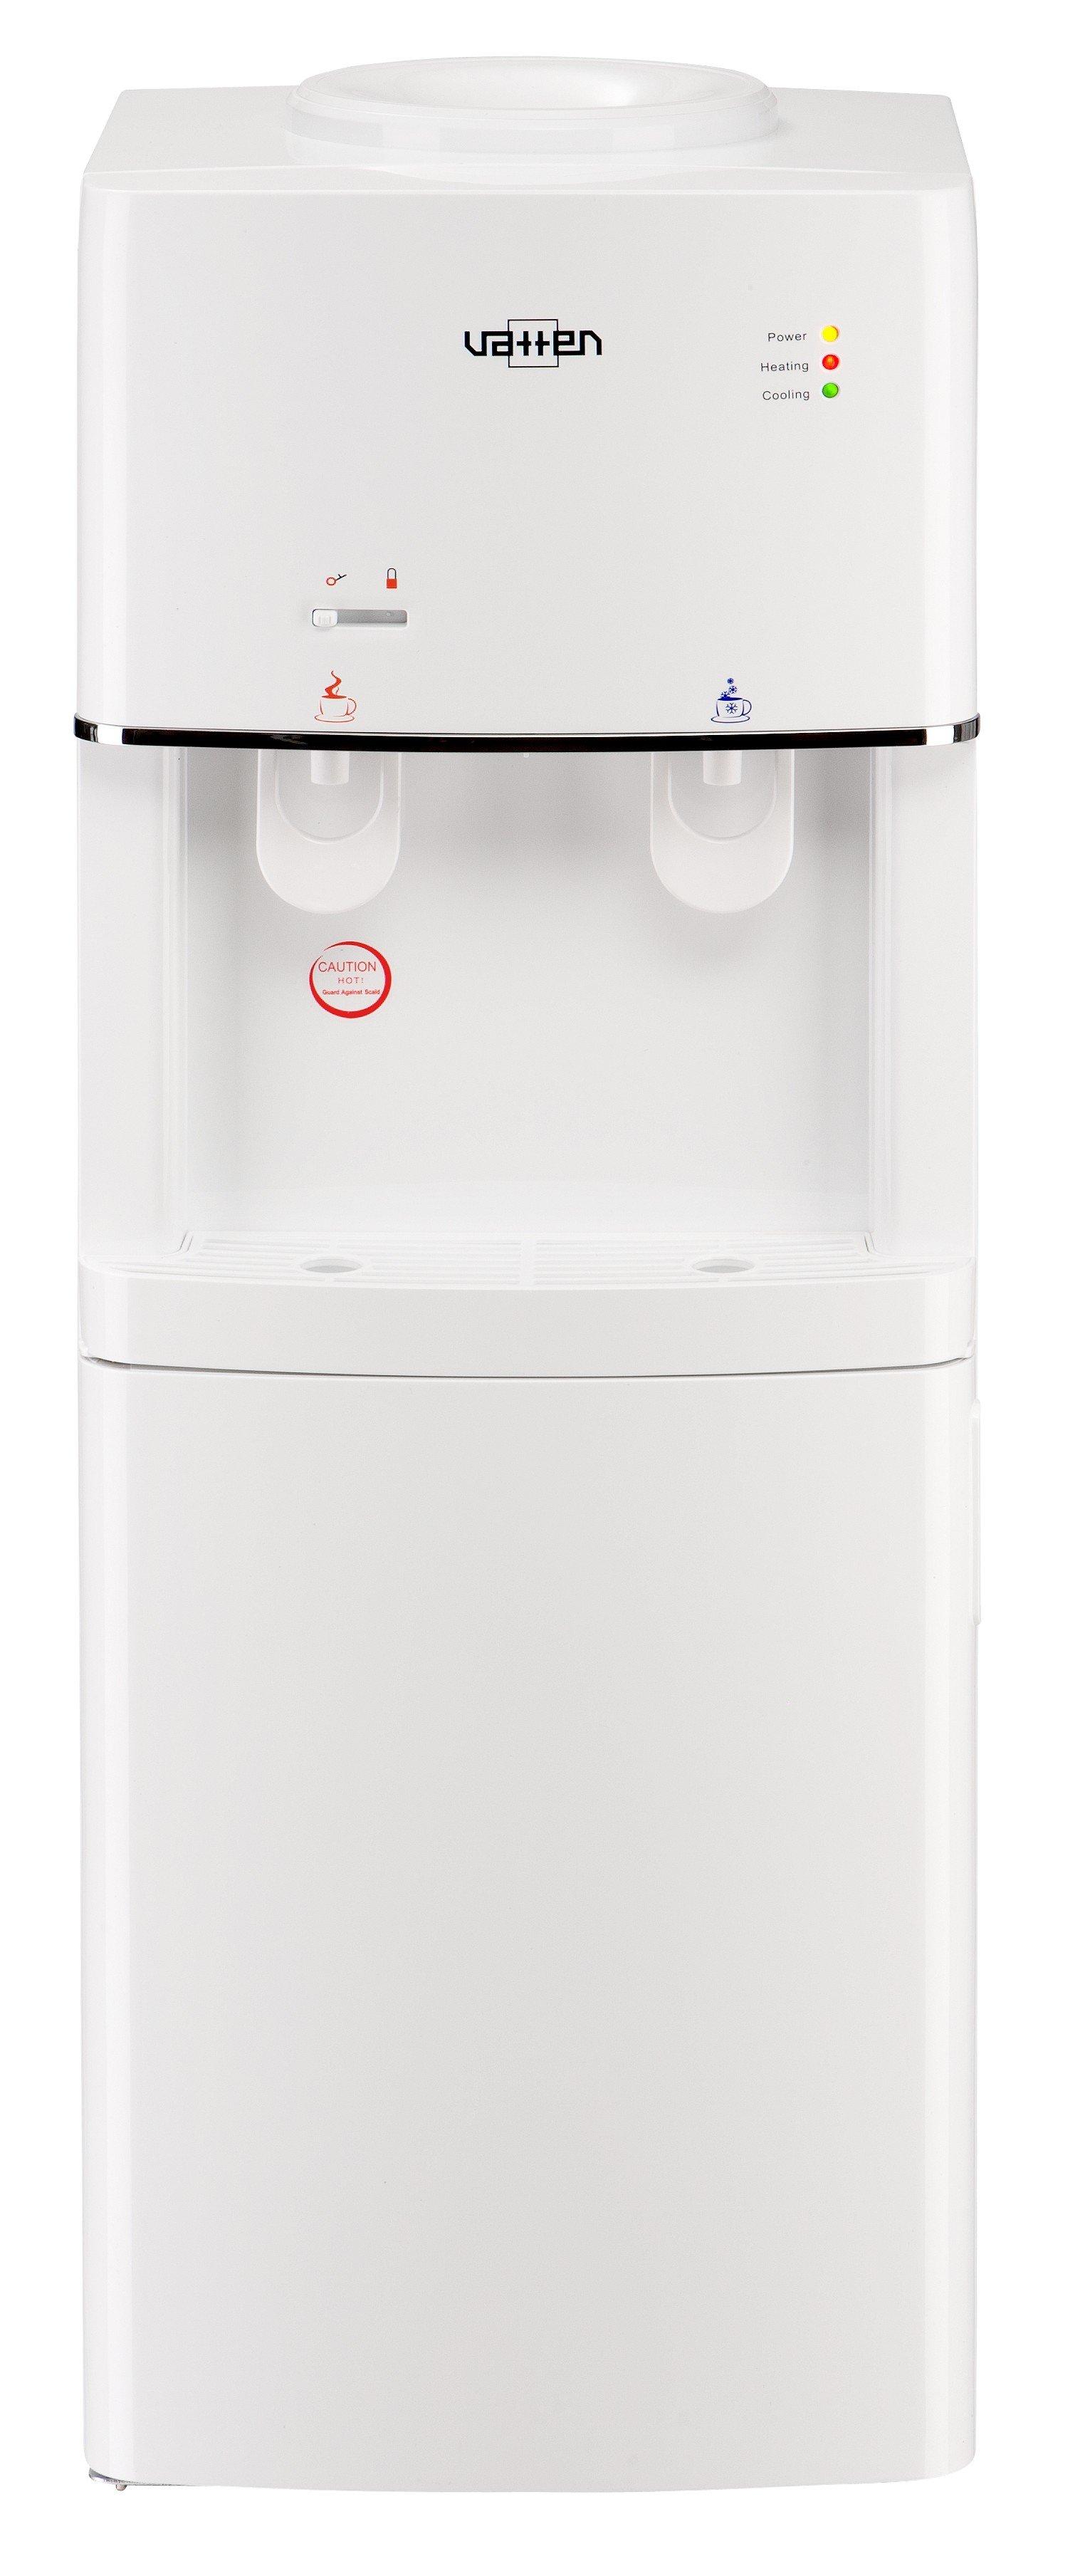 Кулер для воды Vatten V16WKA напольный, с нагревом и охлаждением